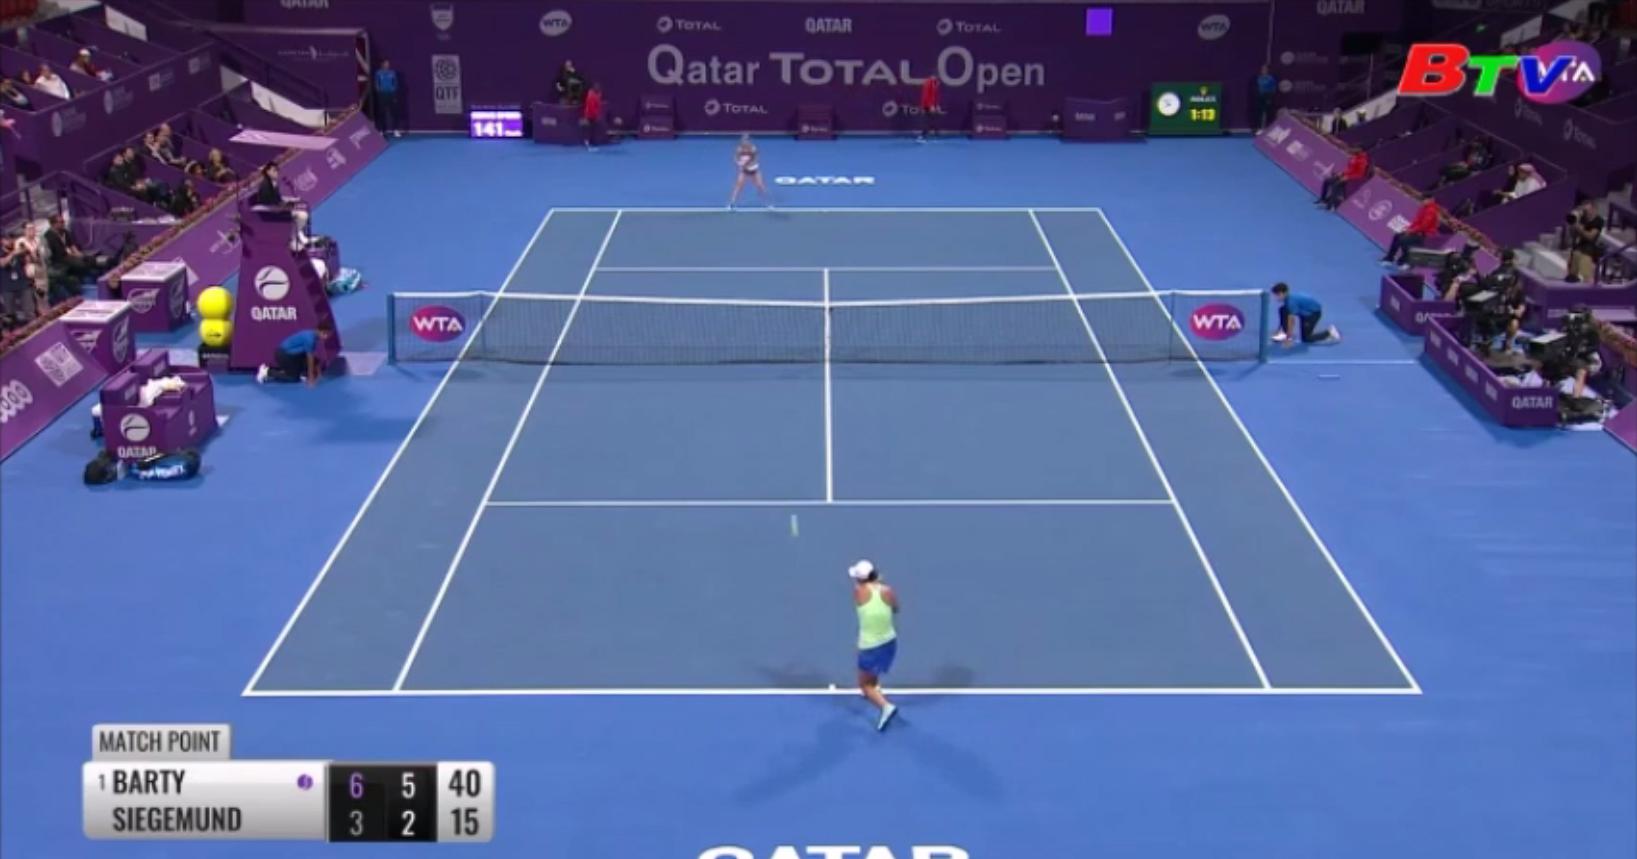 Kết quả các trận đấu nổi bật của 2 giải quần vợt tại Doha và Dubai